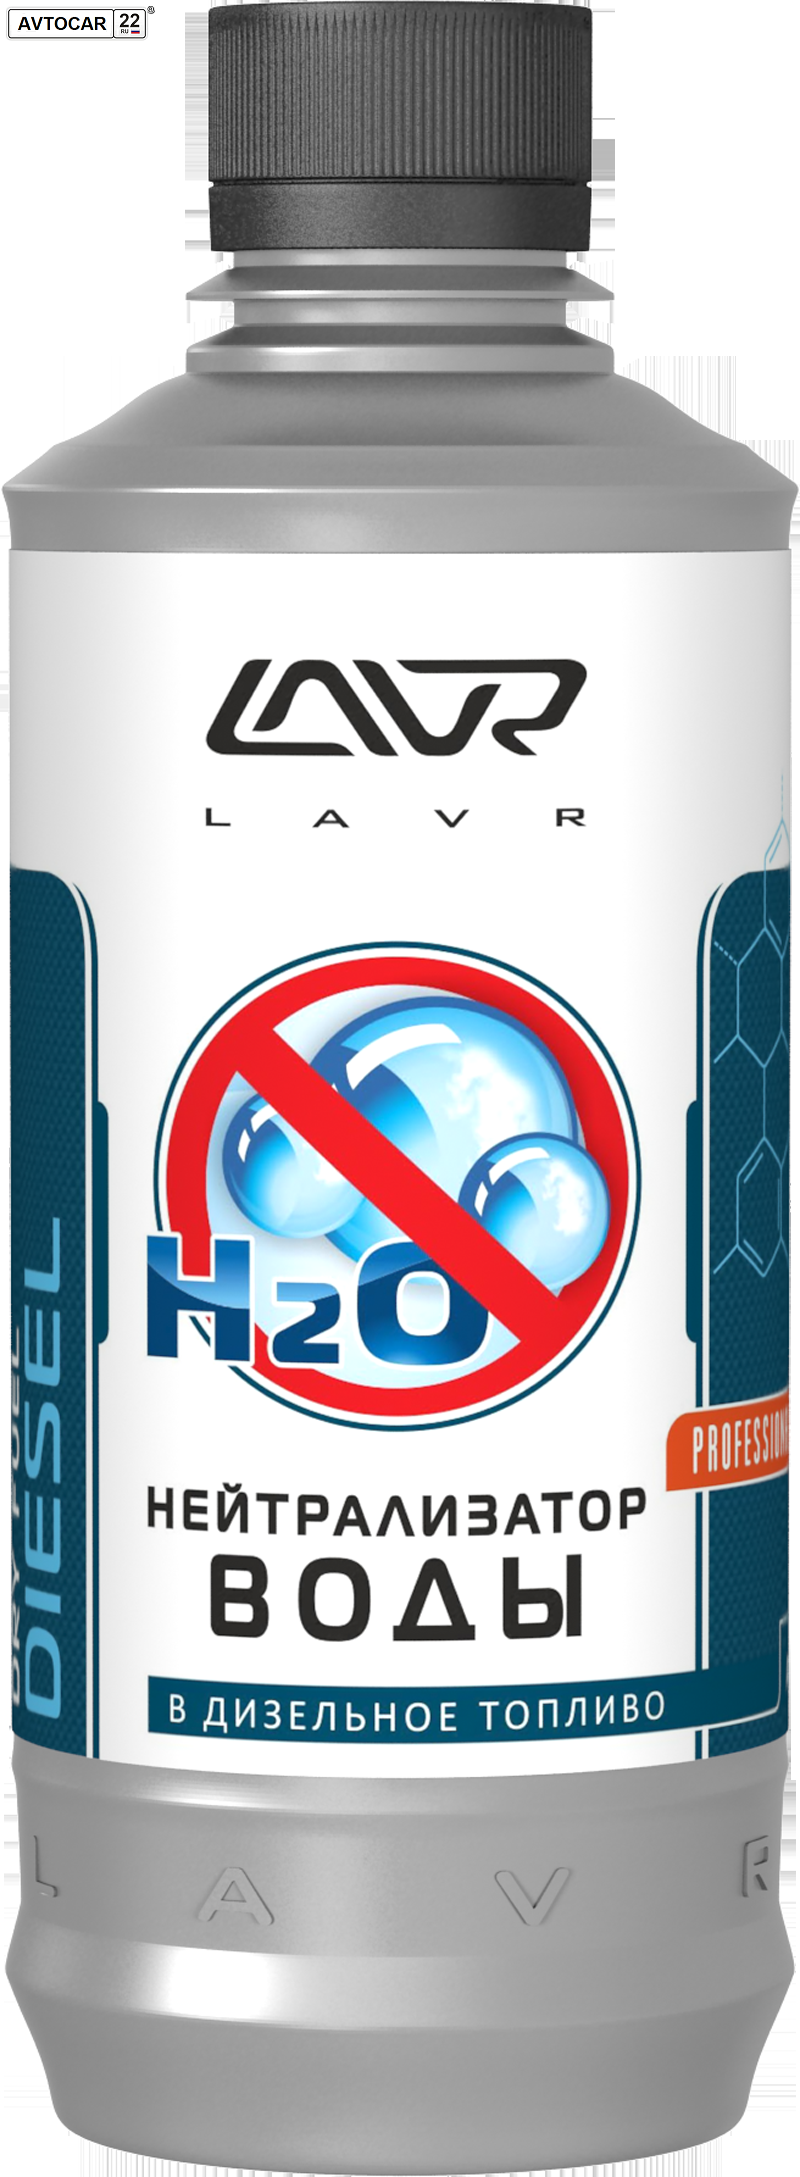 LAVR Нейтрализатор воды Dry Fuel дизель, 330 мл